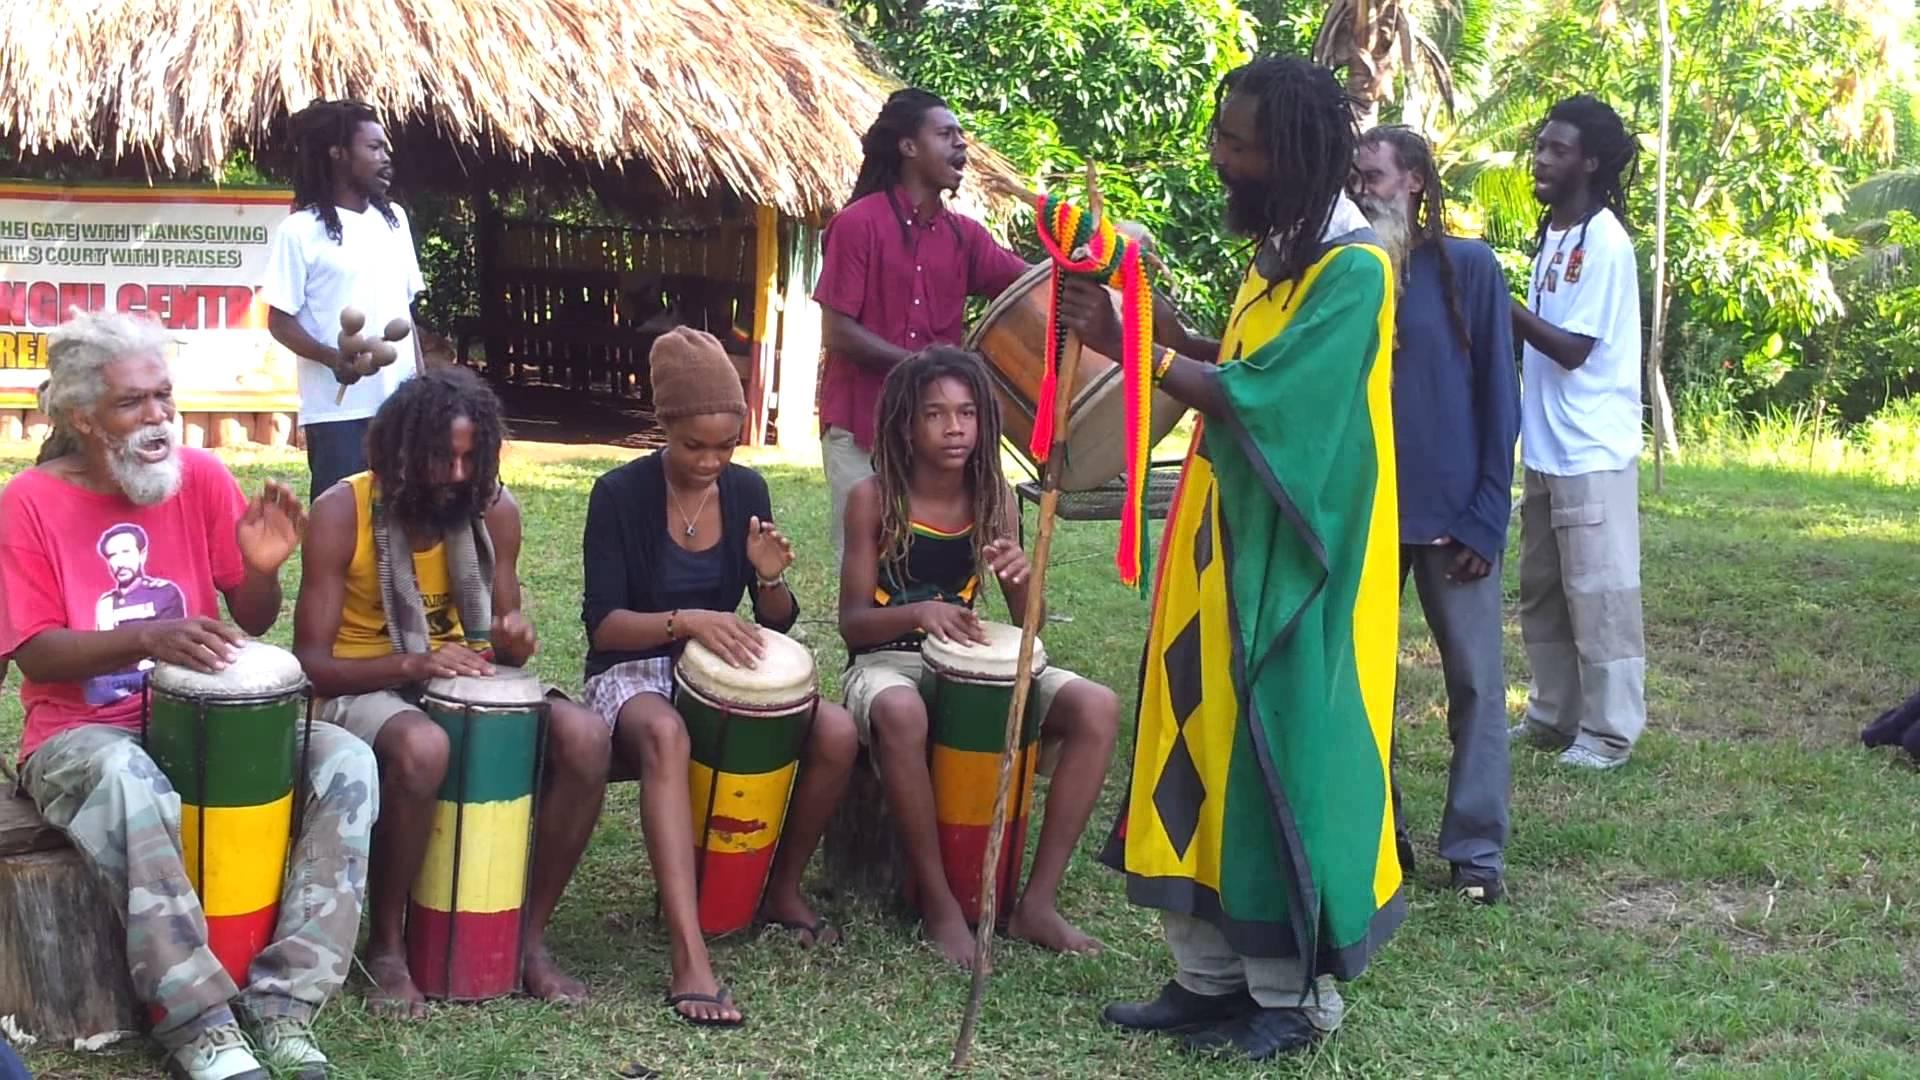 História do Reggar - Nyabinghi